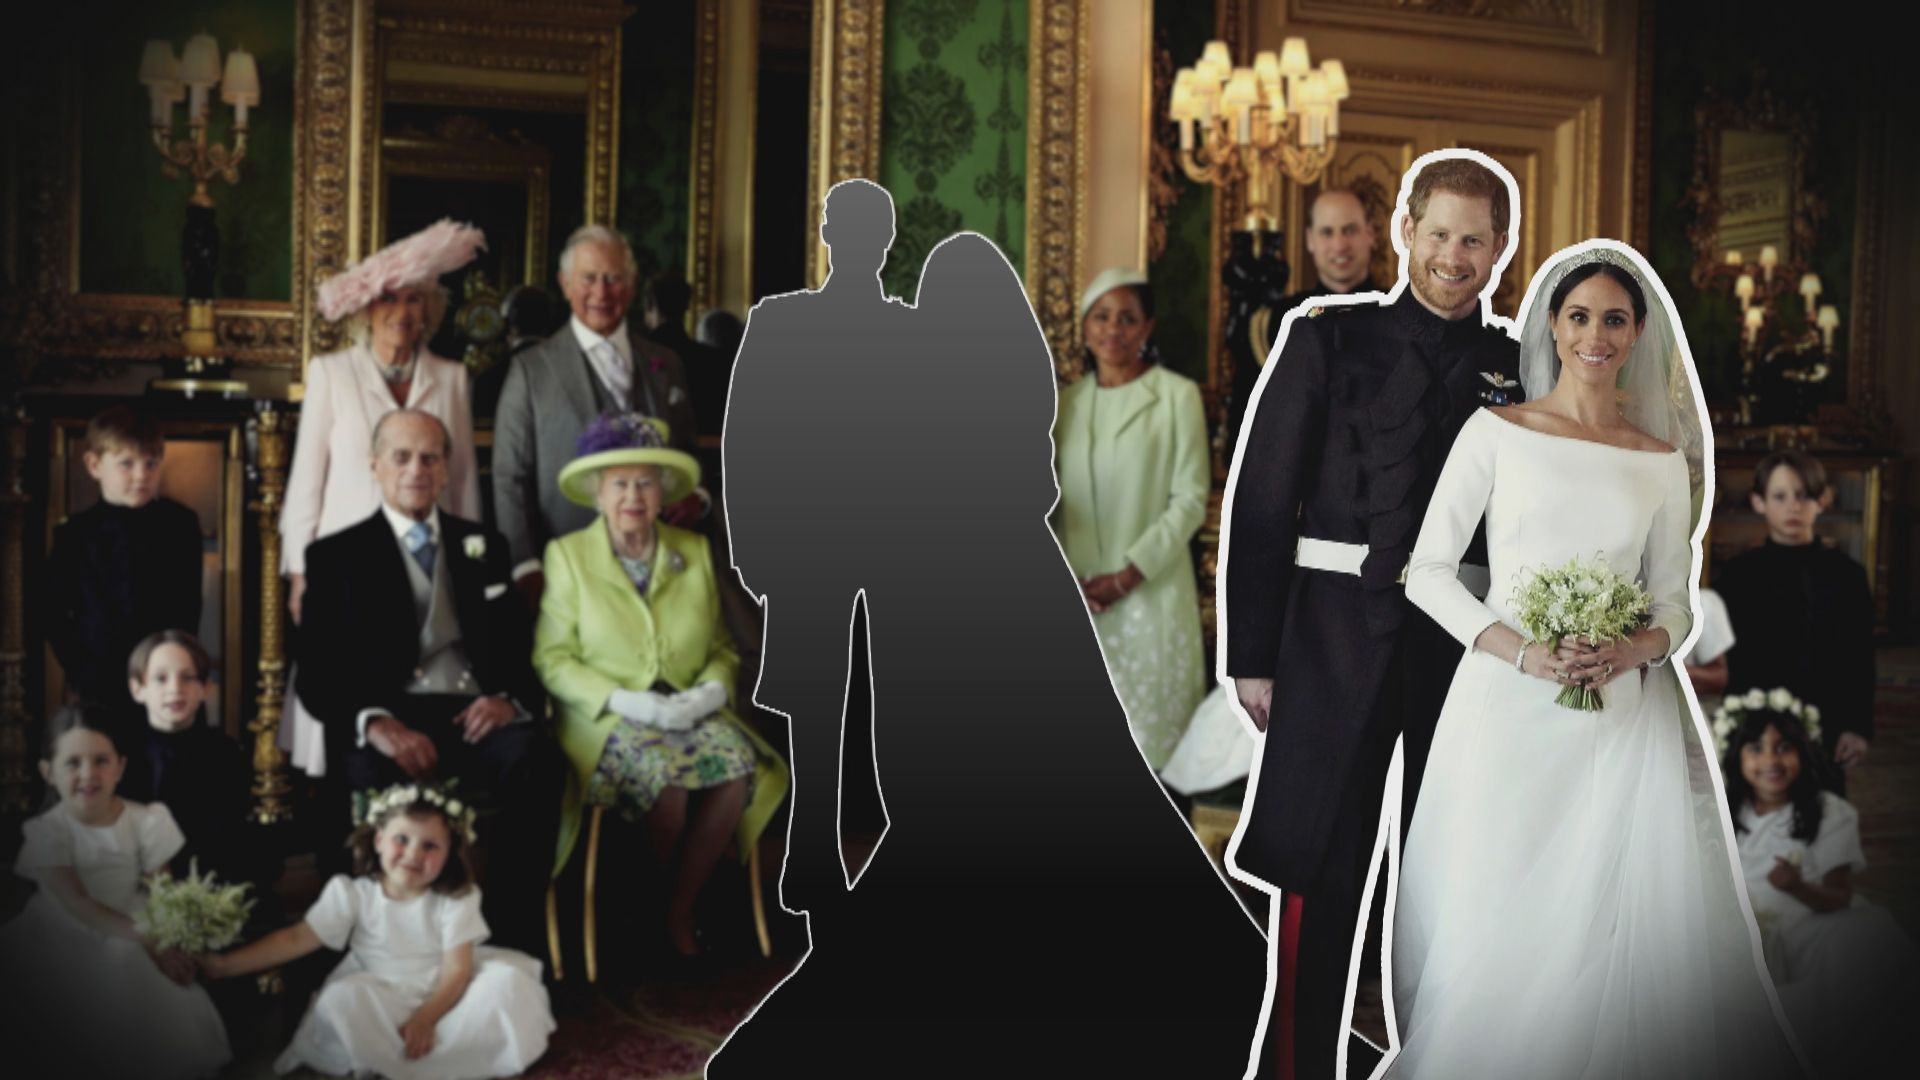 【新聞智庫】「壞孩子」欲「離開」王室 哈里夫婦非王室首例